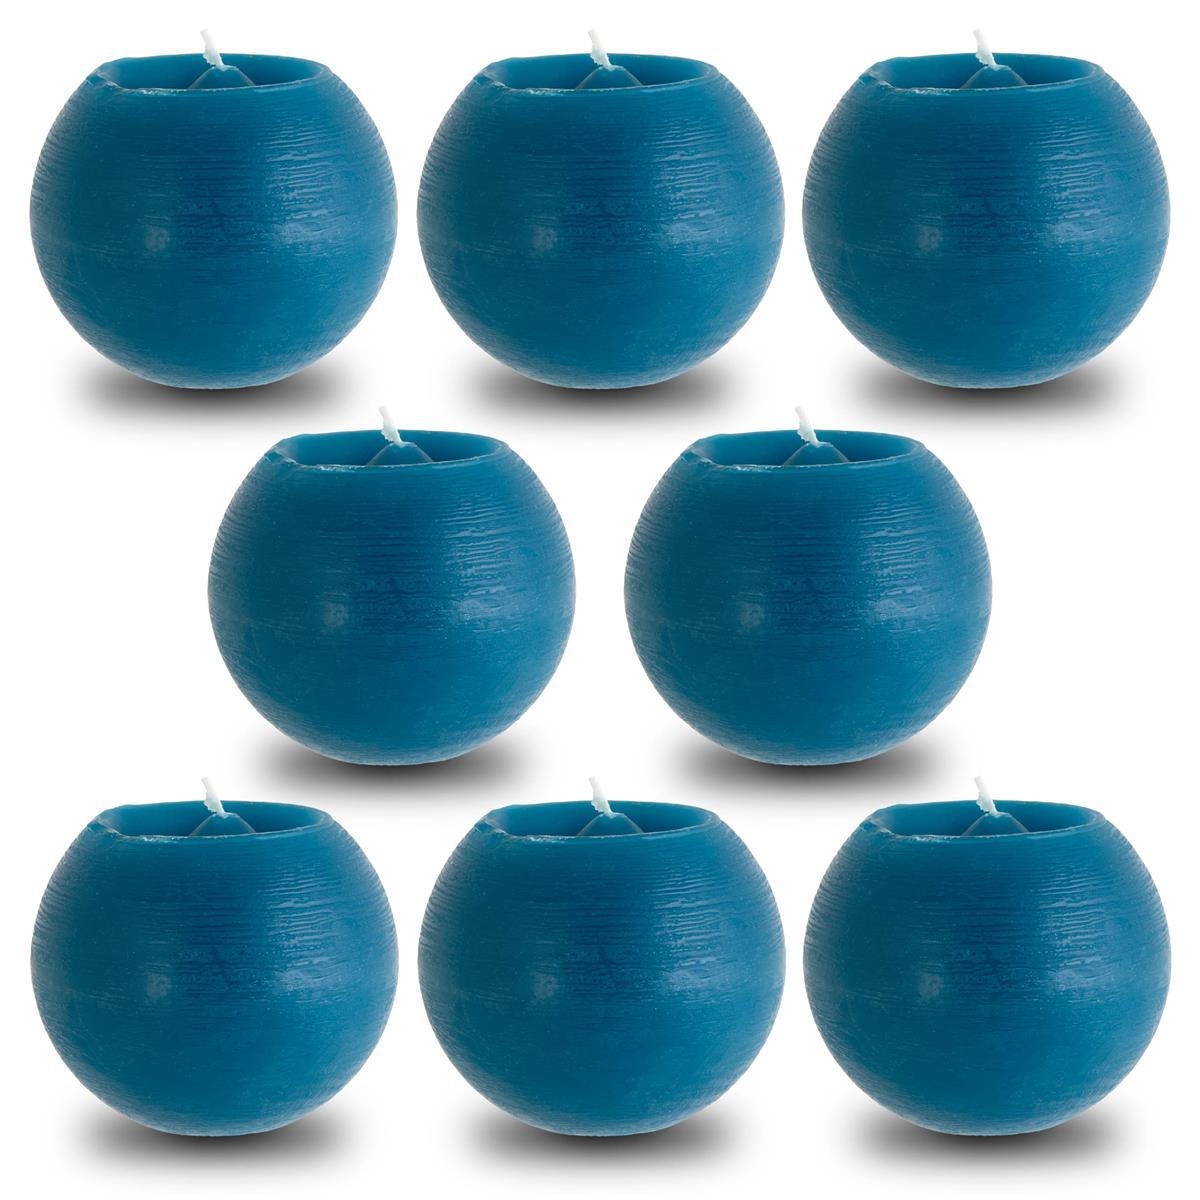 8er Set Rusti Kugelkerze Aqua Blau 100er Größe 8x10 cm Brenndauer ca. 30 Stunden